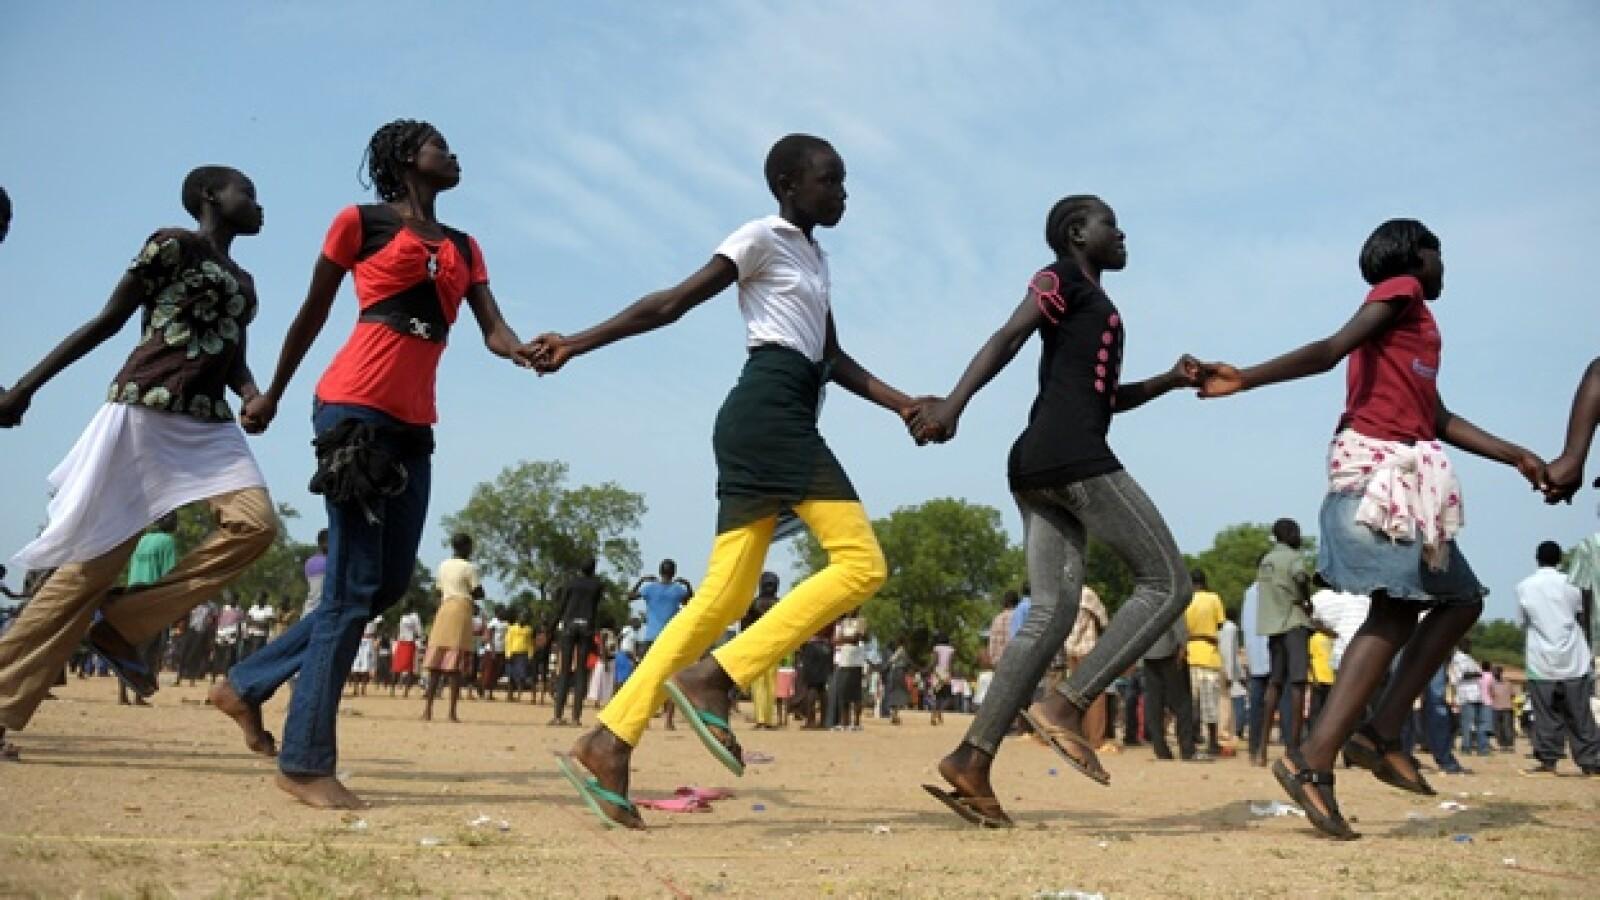 Sudán del sur - independencia - ensayos